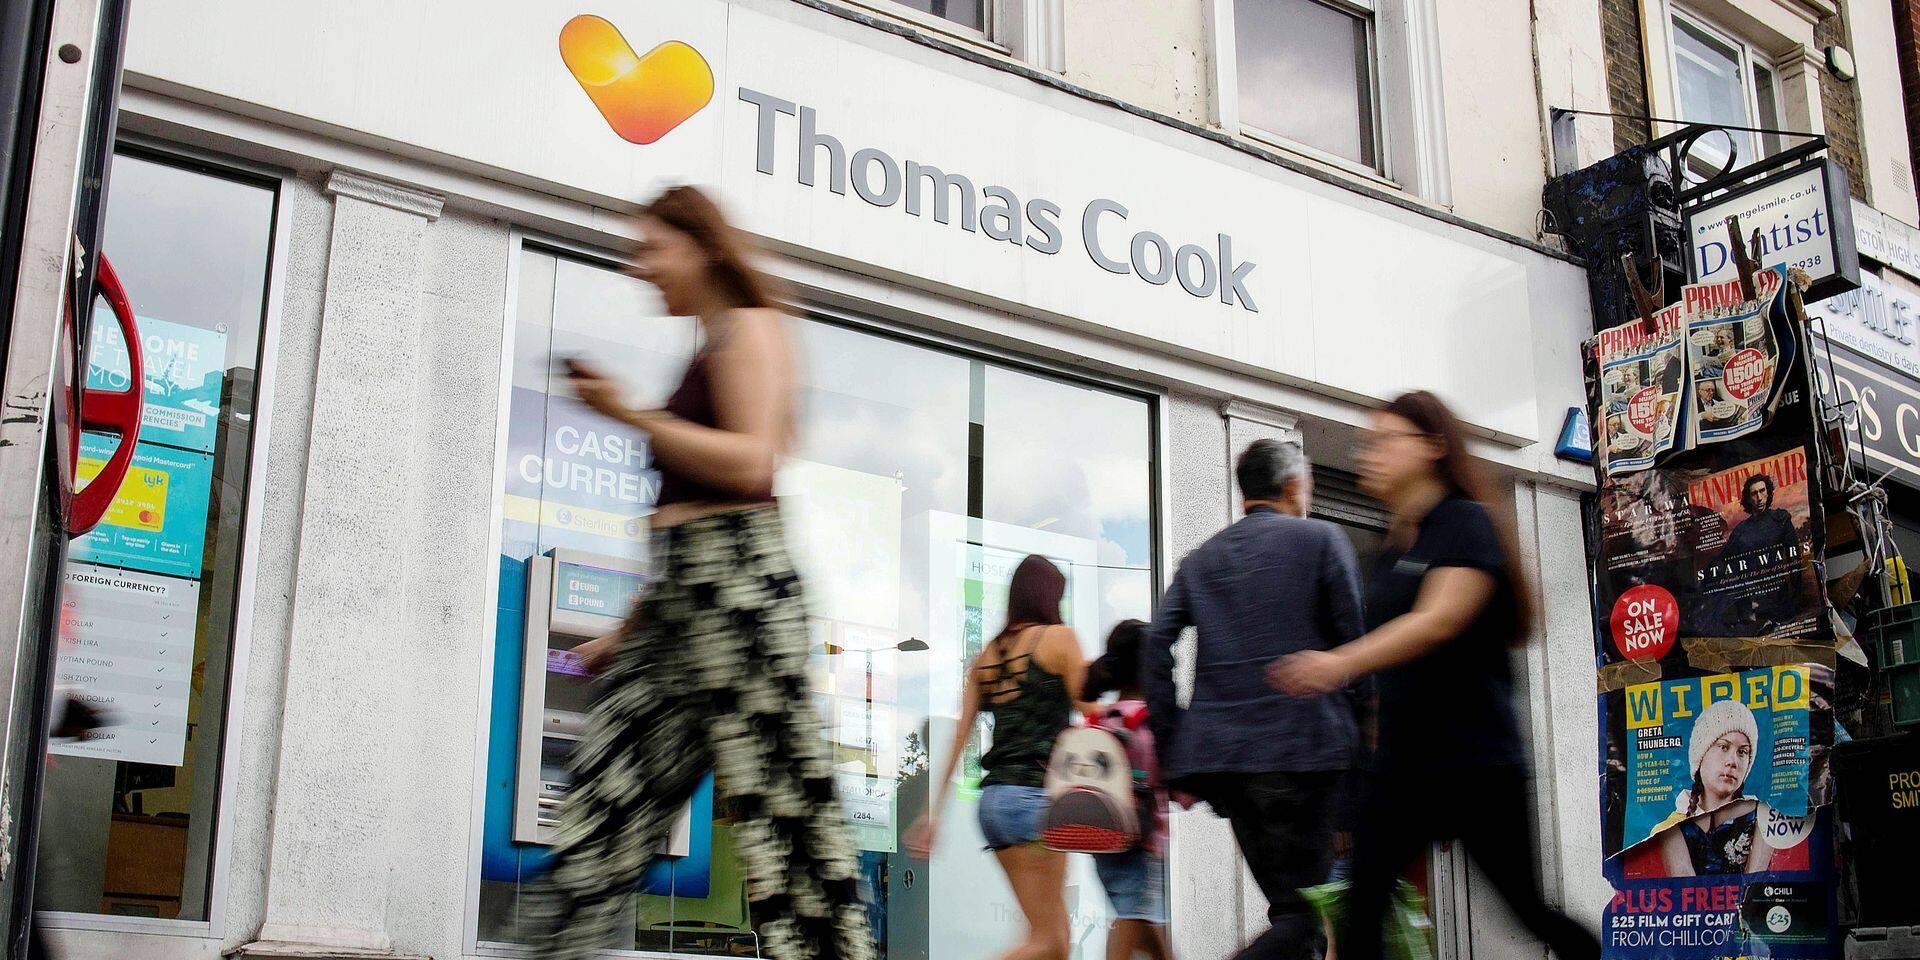 Stop ou encore ? C'est la question à laquelle plusieurs milliers de personnes, dont les quelque 22 000 employés du voyagiste britannique Thomas Cook, attendaient une réponse, dimanche soir. Tout au long du week-end, des discussions ont eu lieu afin d'éviter au groupe, coté à la Bourse de Londres, la faillite.